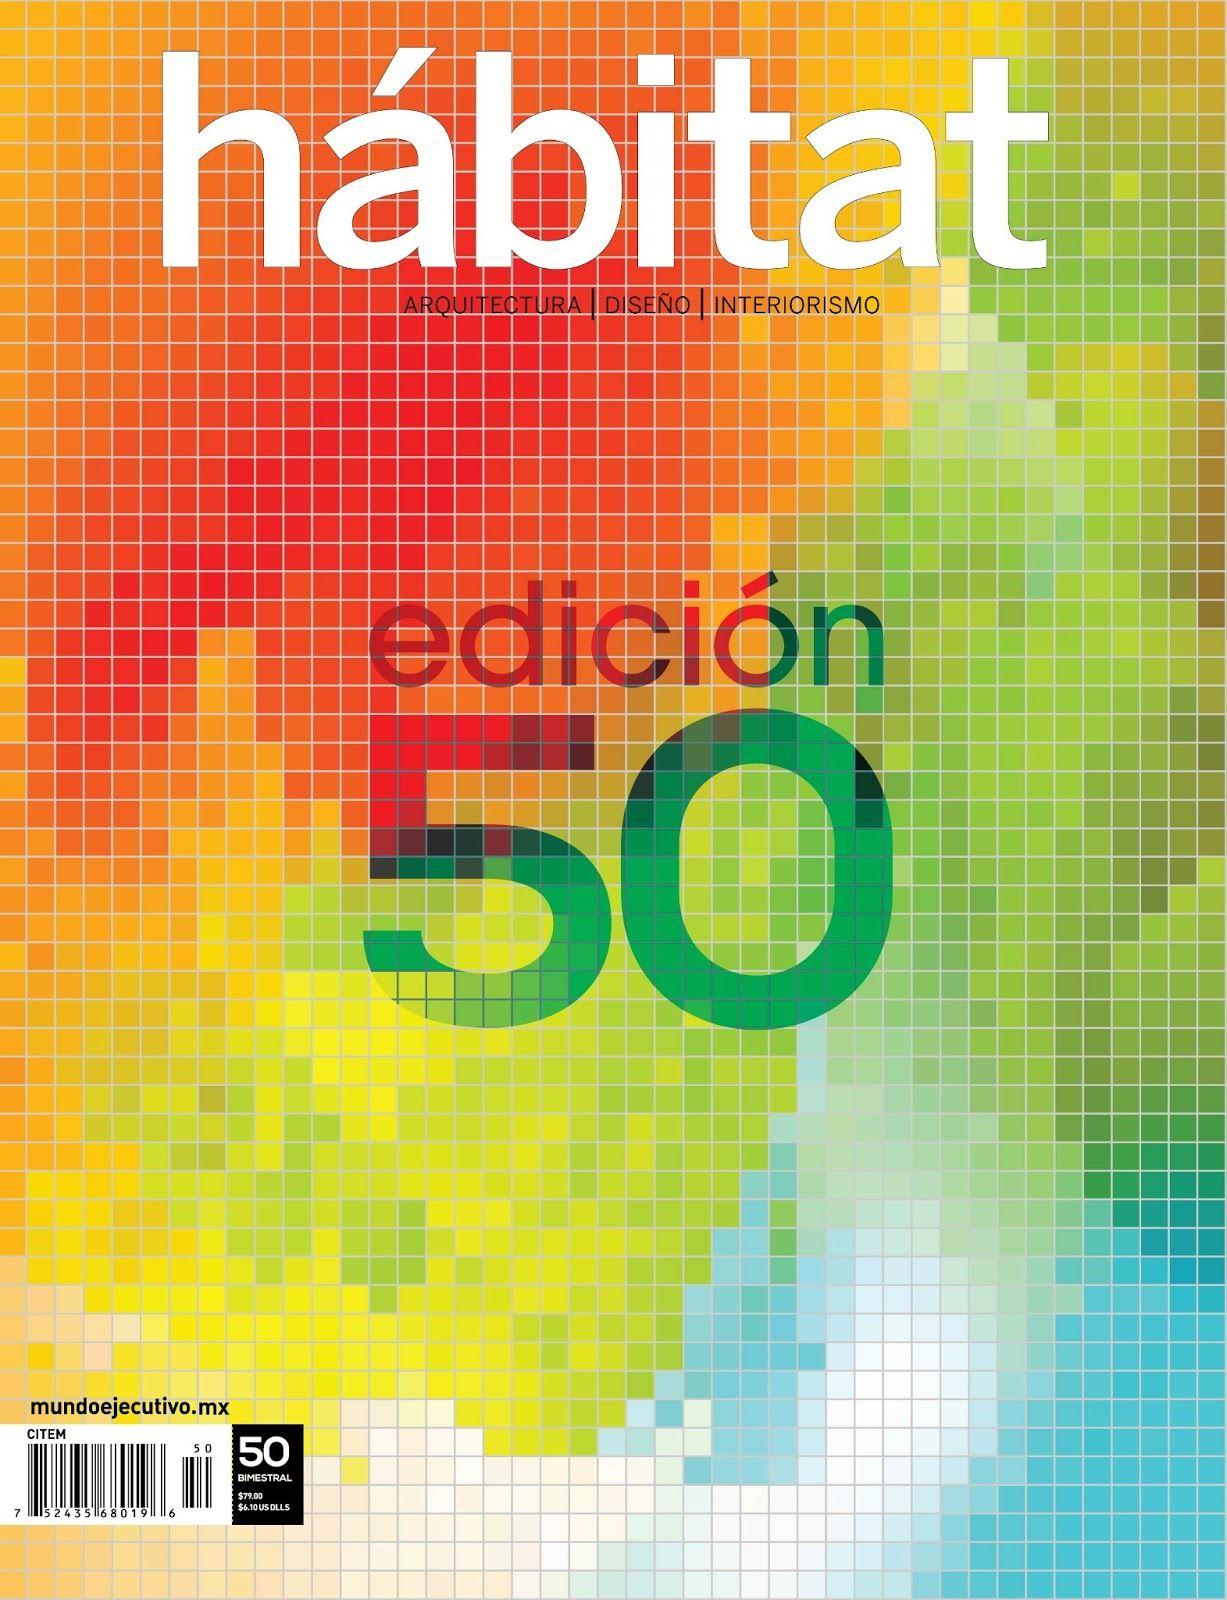 portadas de revistas arquitectura - Buscar con Google   Portadas ...